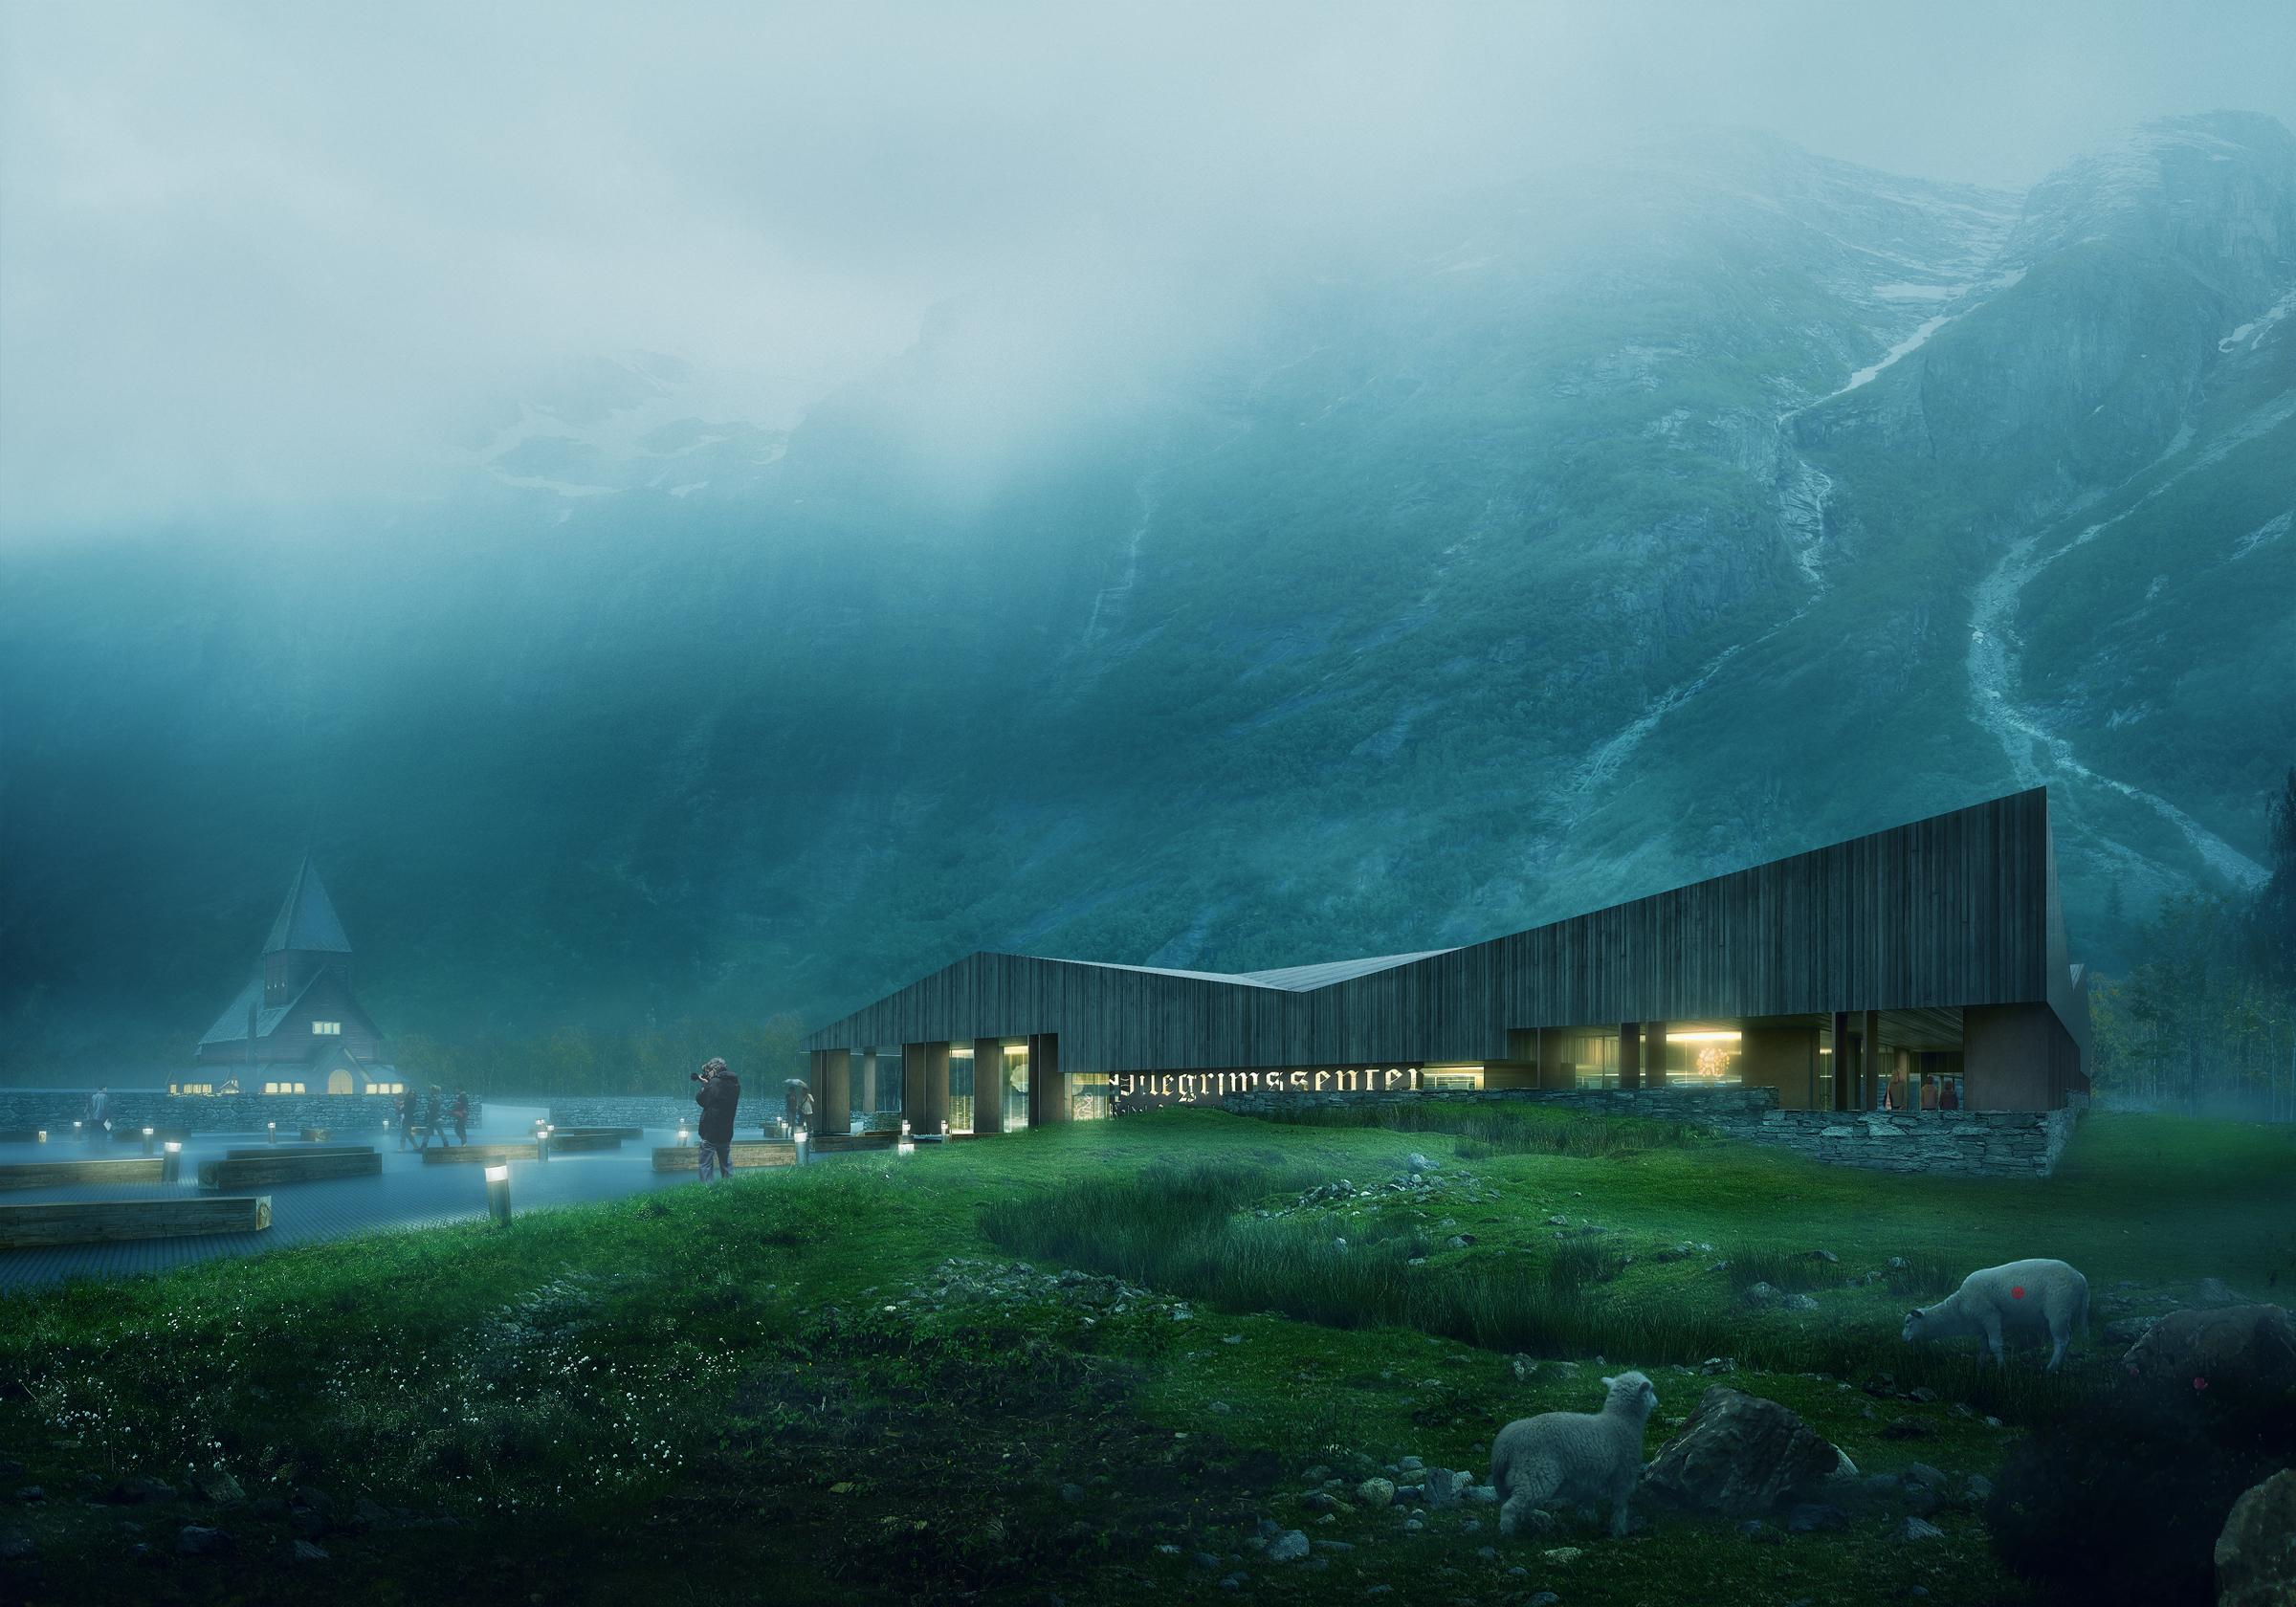 Pilgrimage Center, Røldal, NO